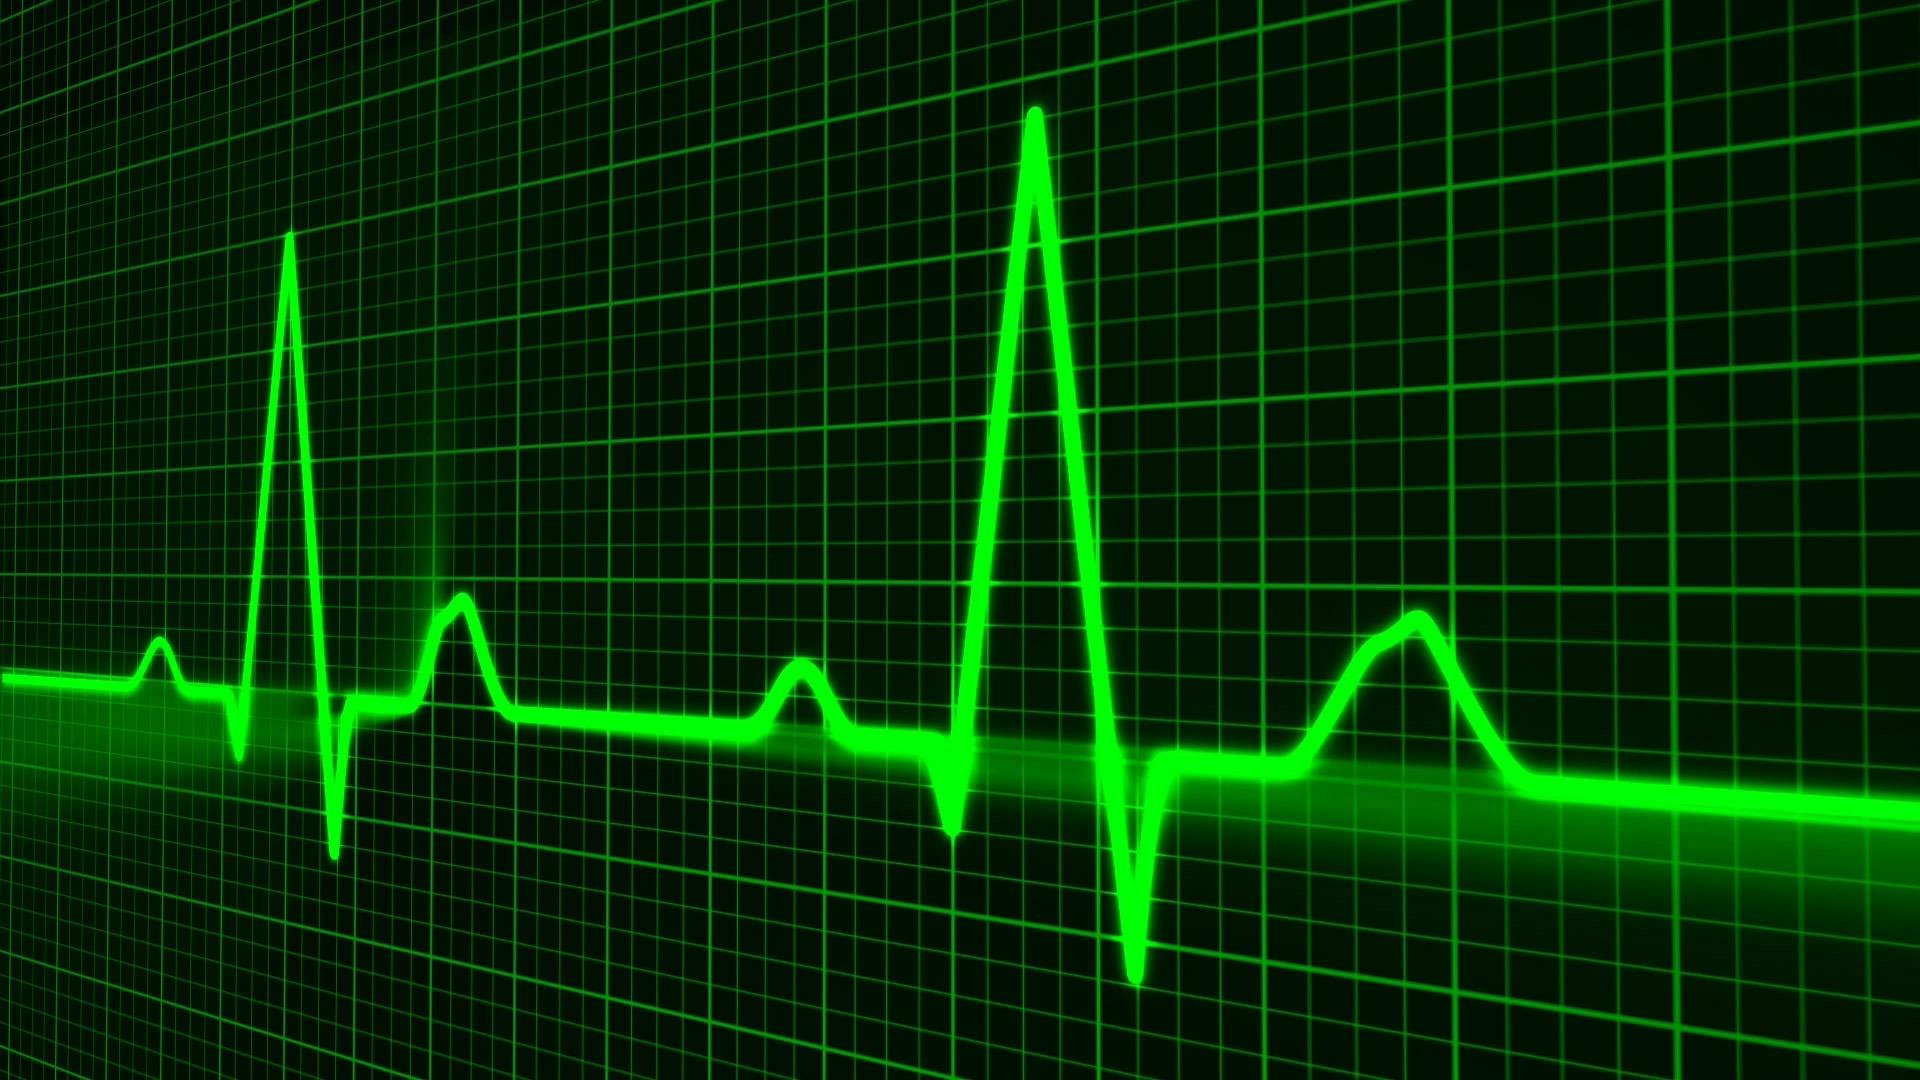 Σφυγμός, ρυθμό, καρδιογράφημα, Παλμογράφο, καρδιά - Wallpapers HD - Professor-falken.com